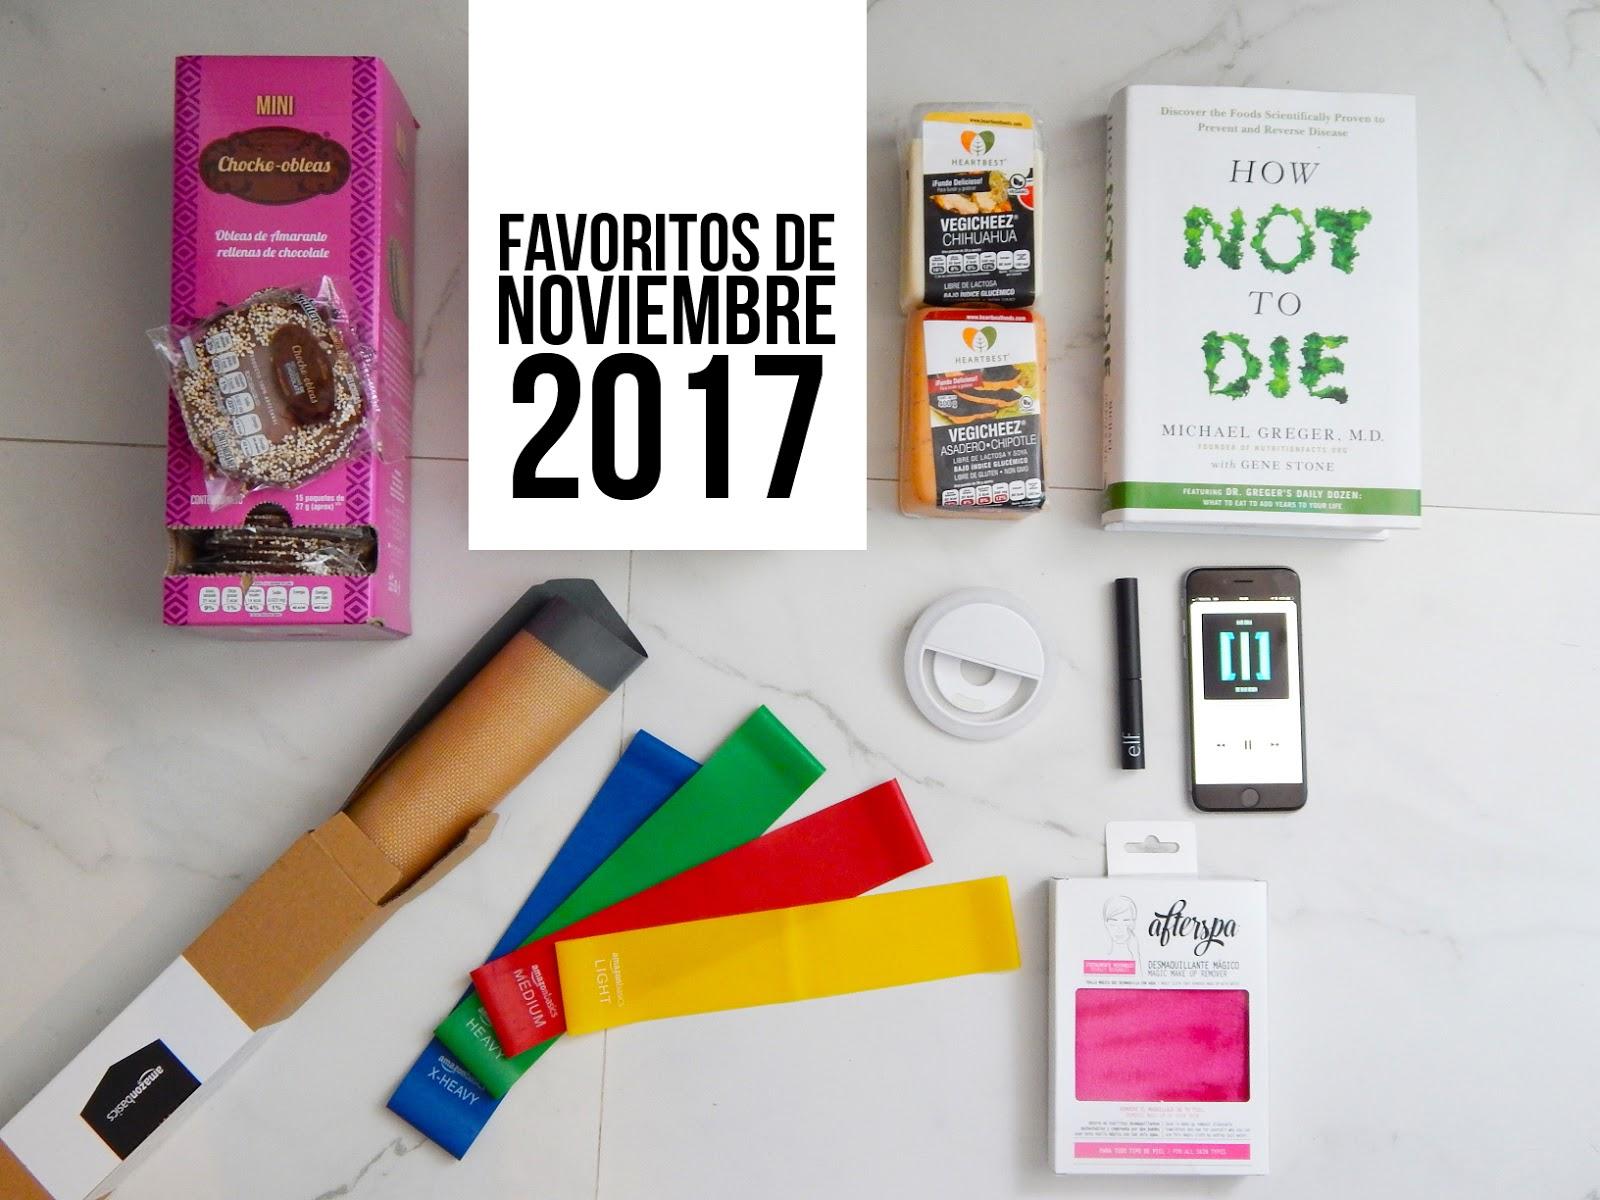 FAVORITOS DE NOVIEMBRE 2017